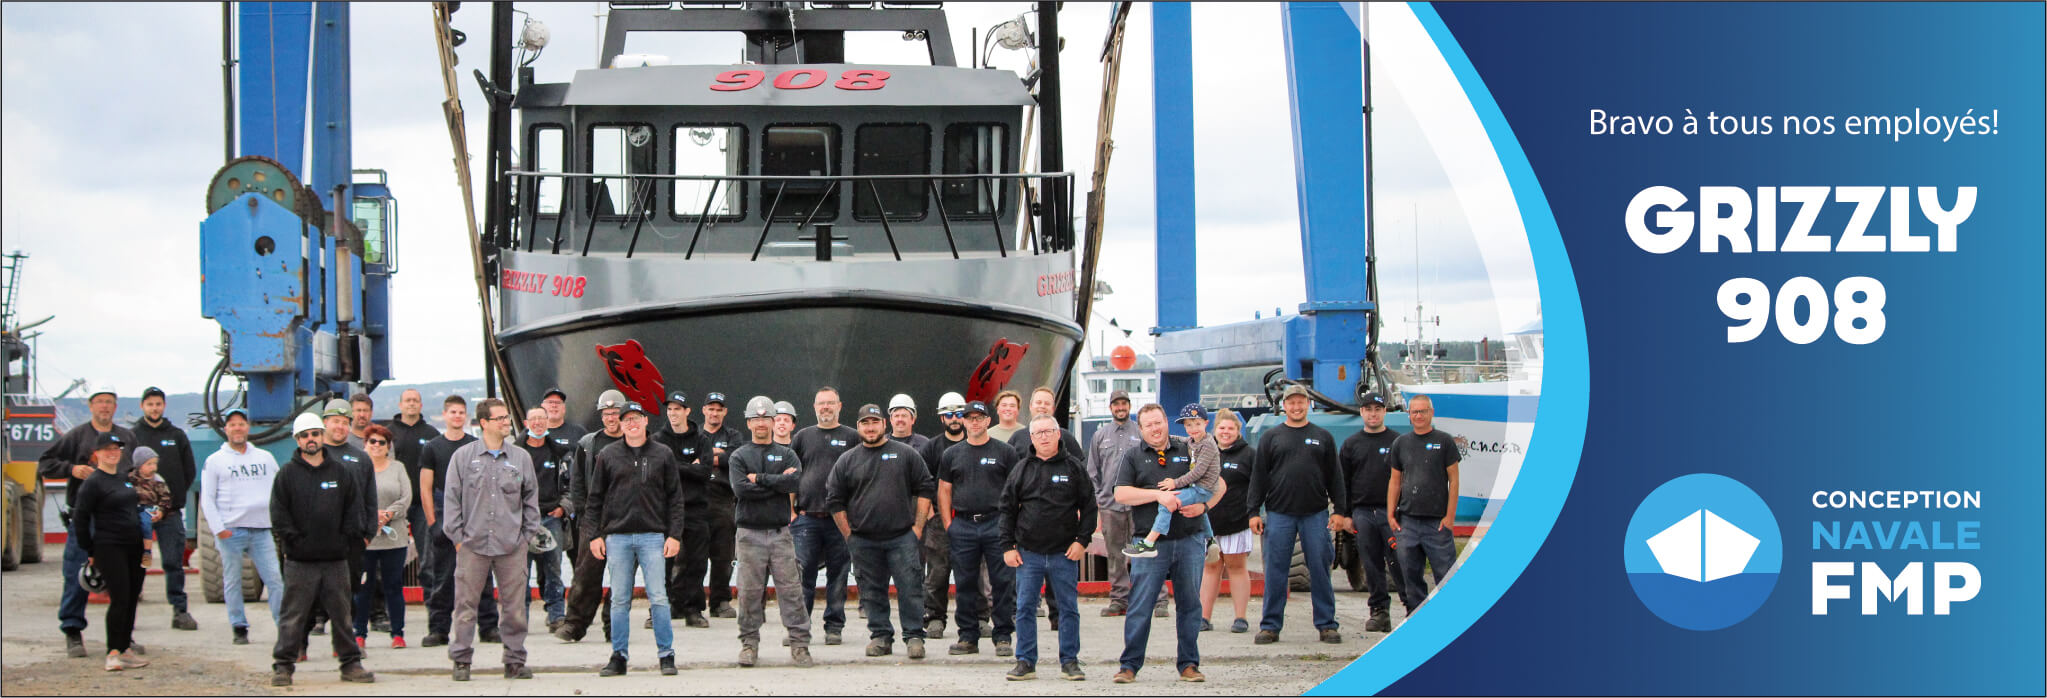 Conception navale FMP